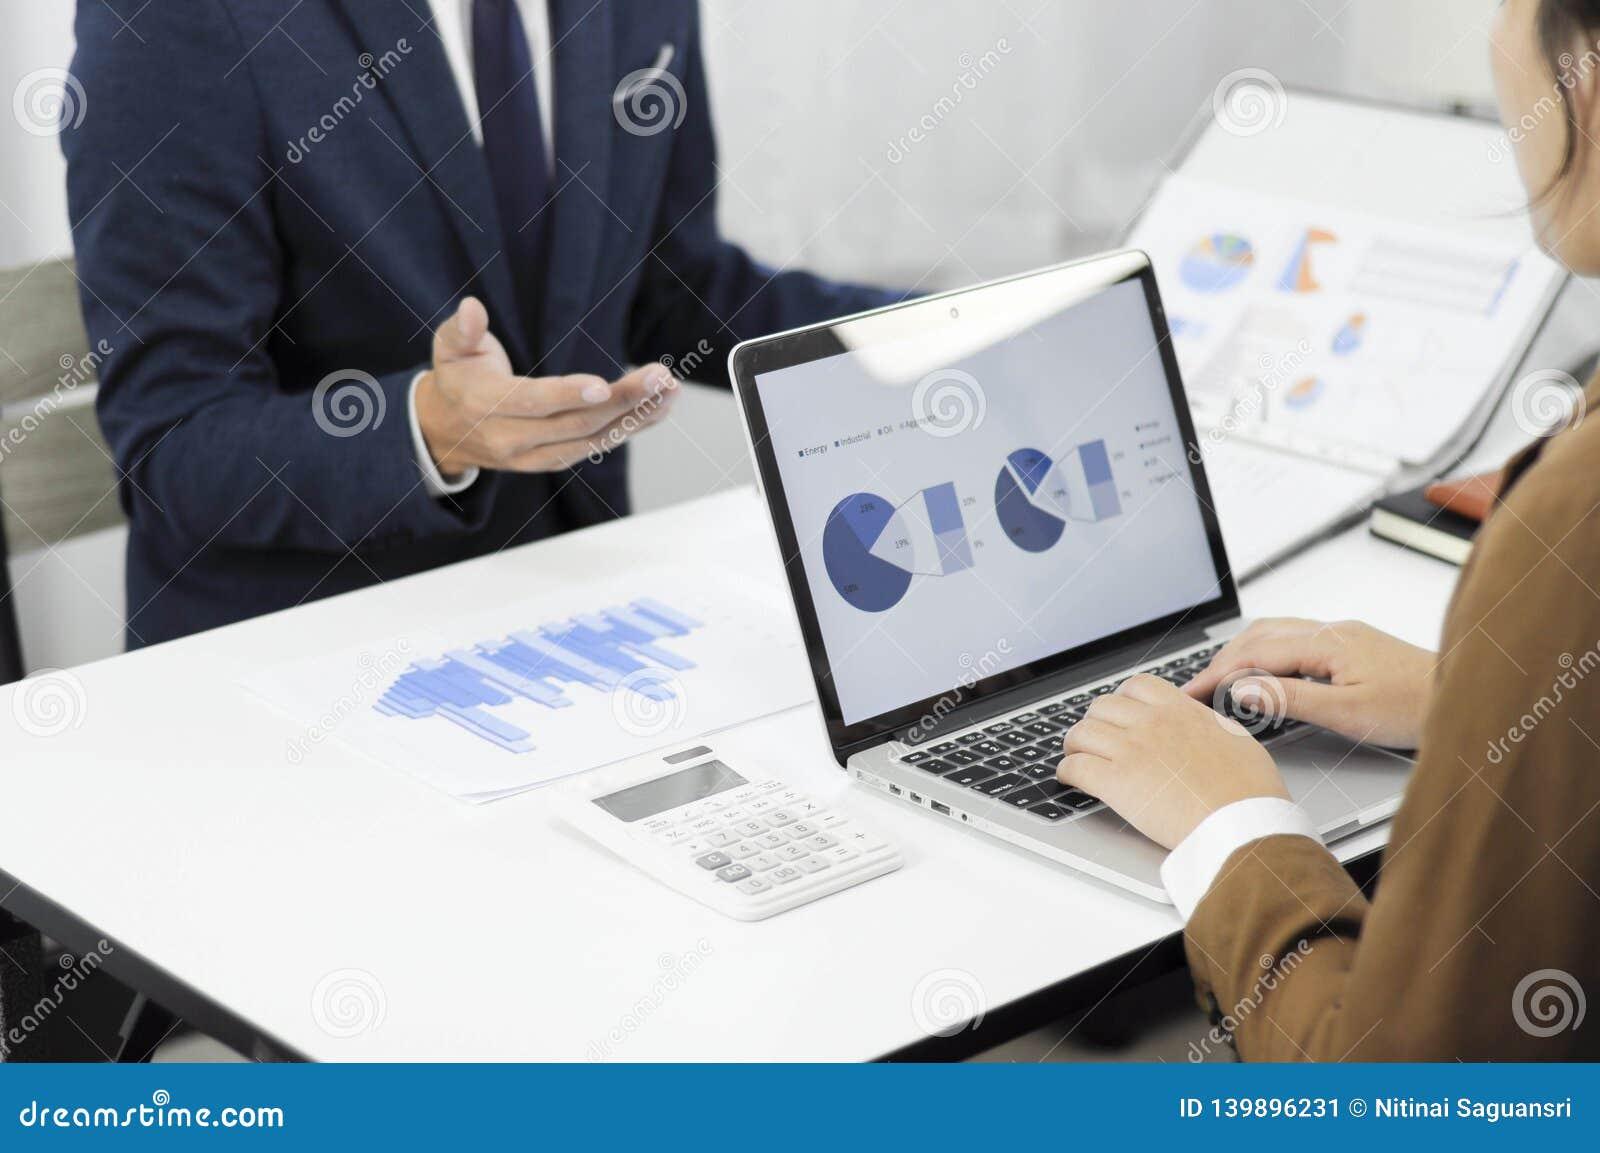 Planeamiento de la contabilidad, gestión de inversiones, encontrando a consultores, estudio de la gestión, presentación de ideas